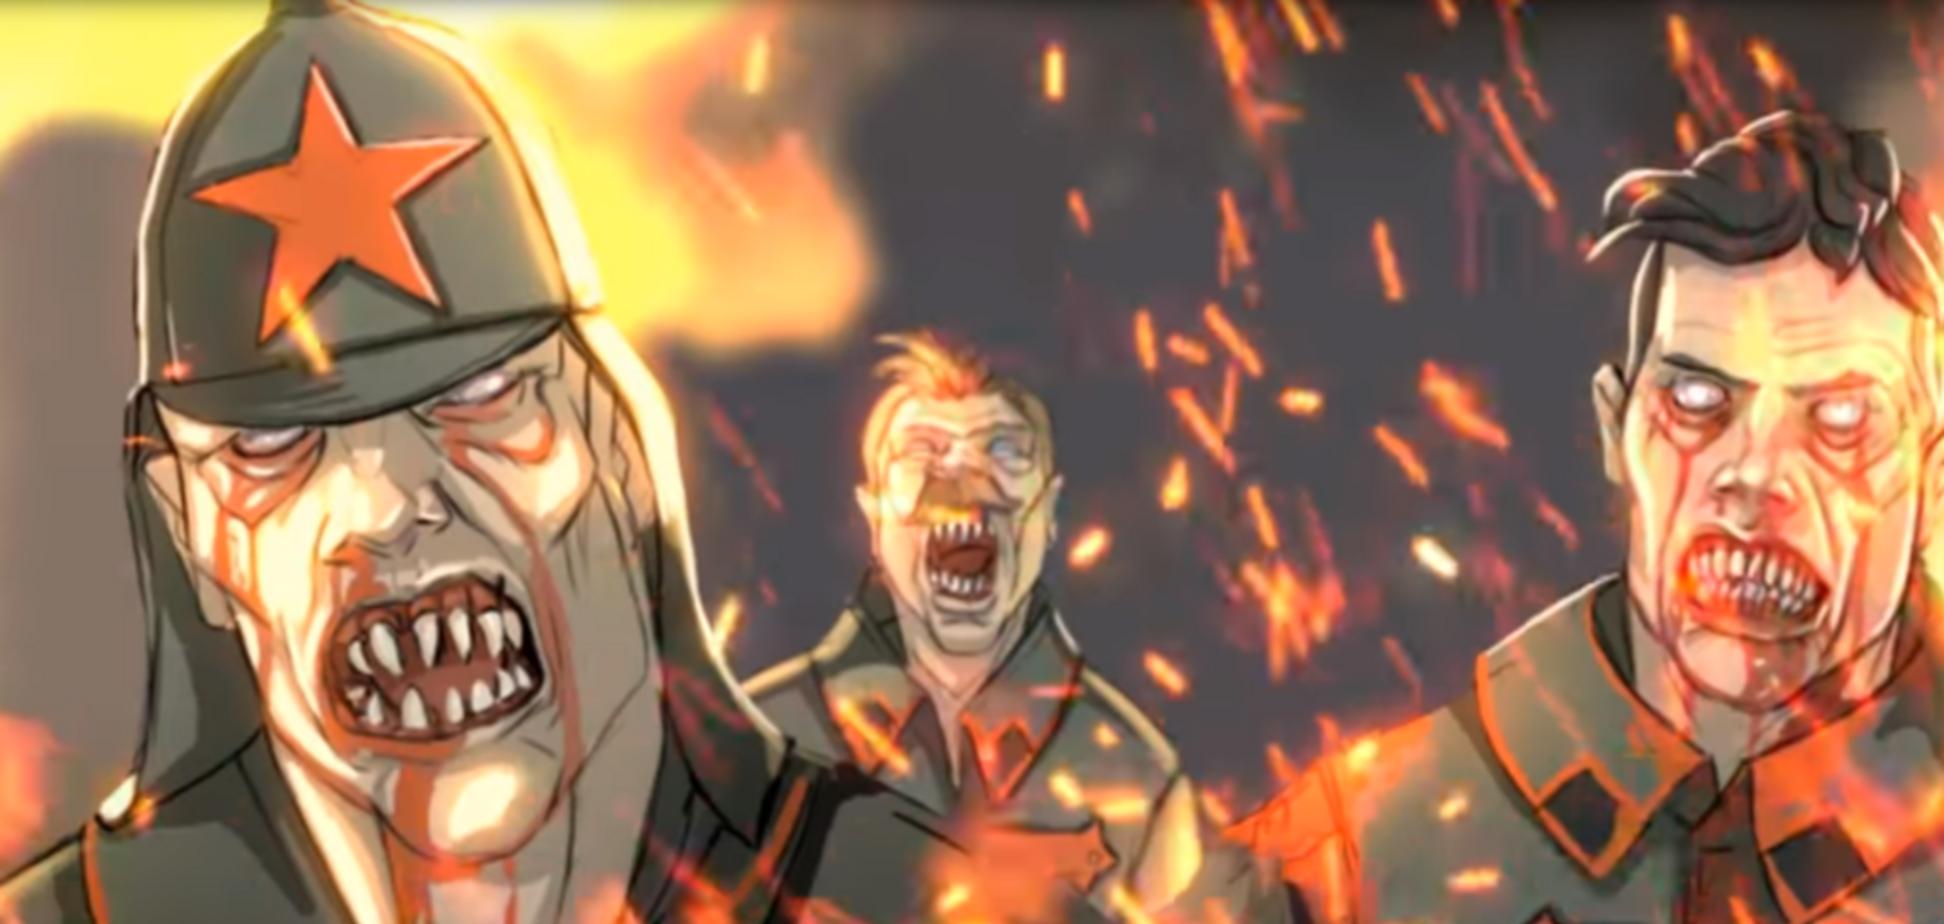 Порєбрік News: український мультфільм про Кубань викликав істерику в Росії